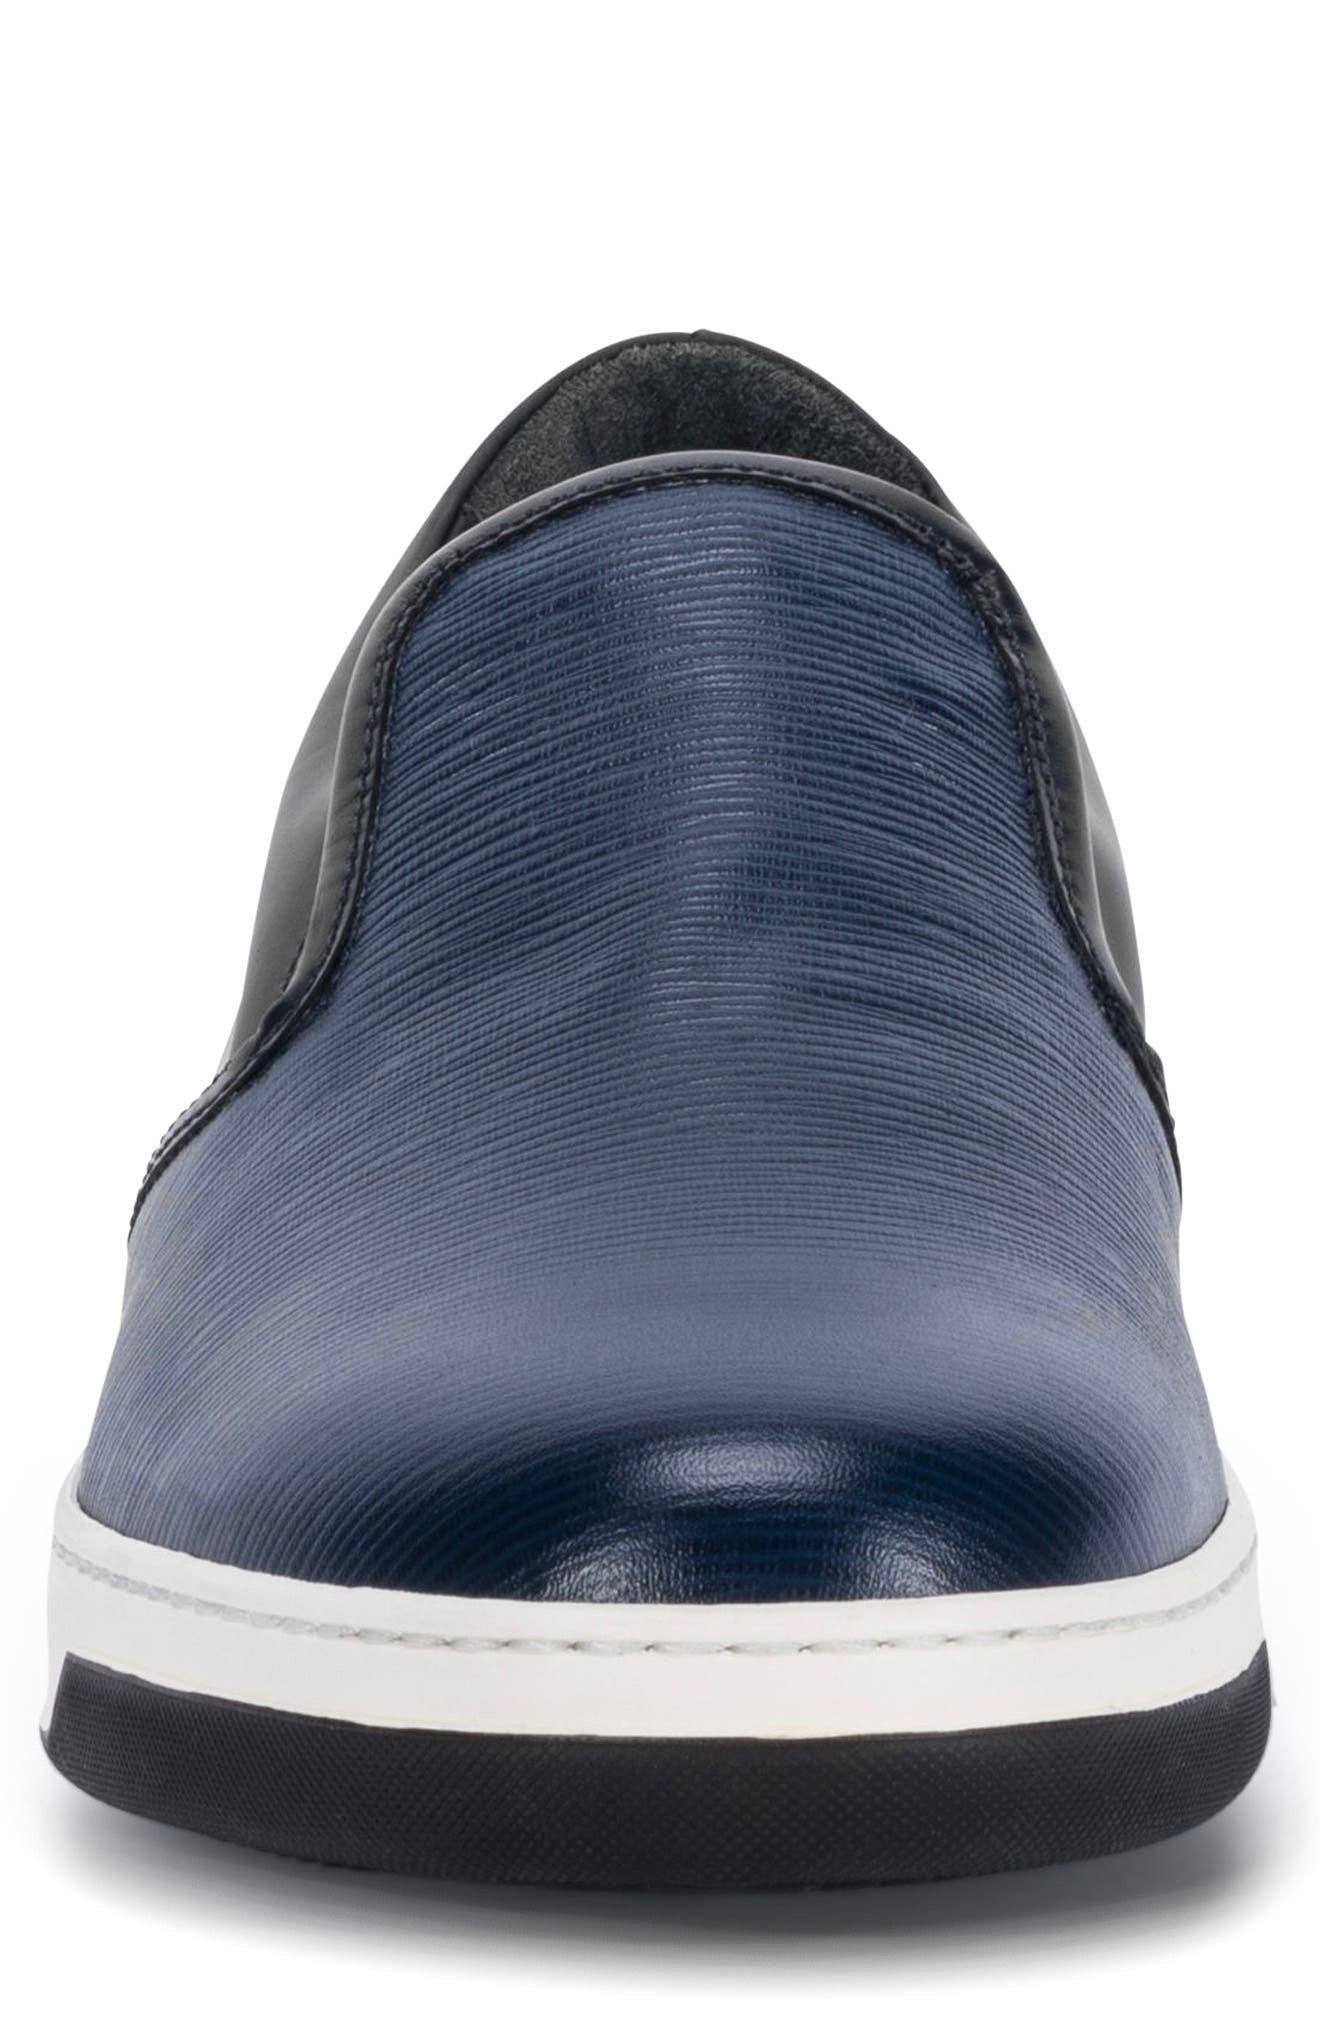 Santorini Slip-On Sneaker,                             Alternate thumbnail 14, color,